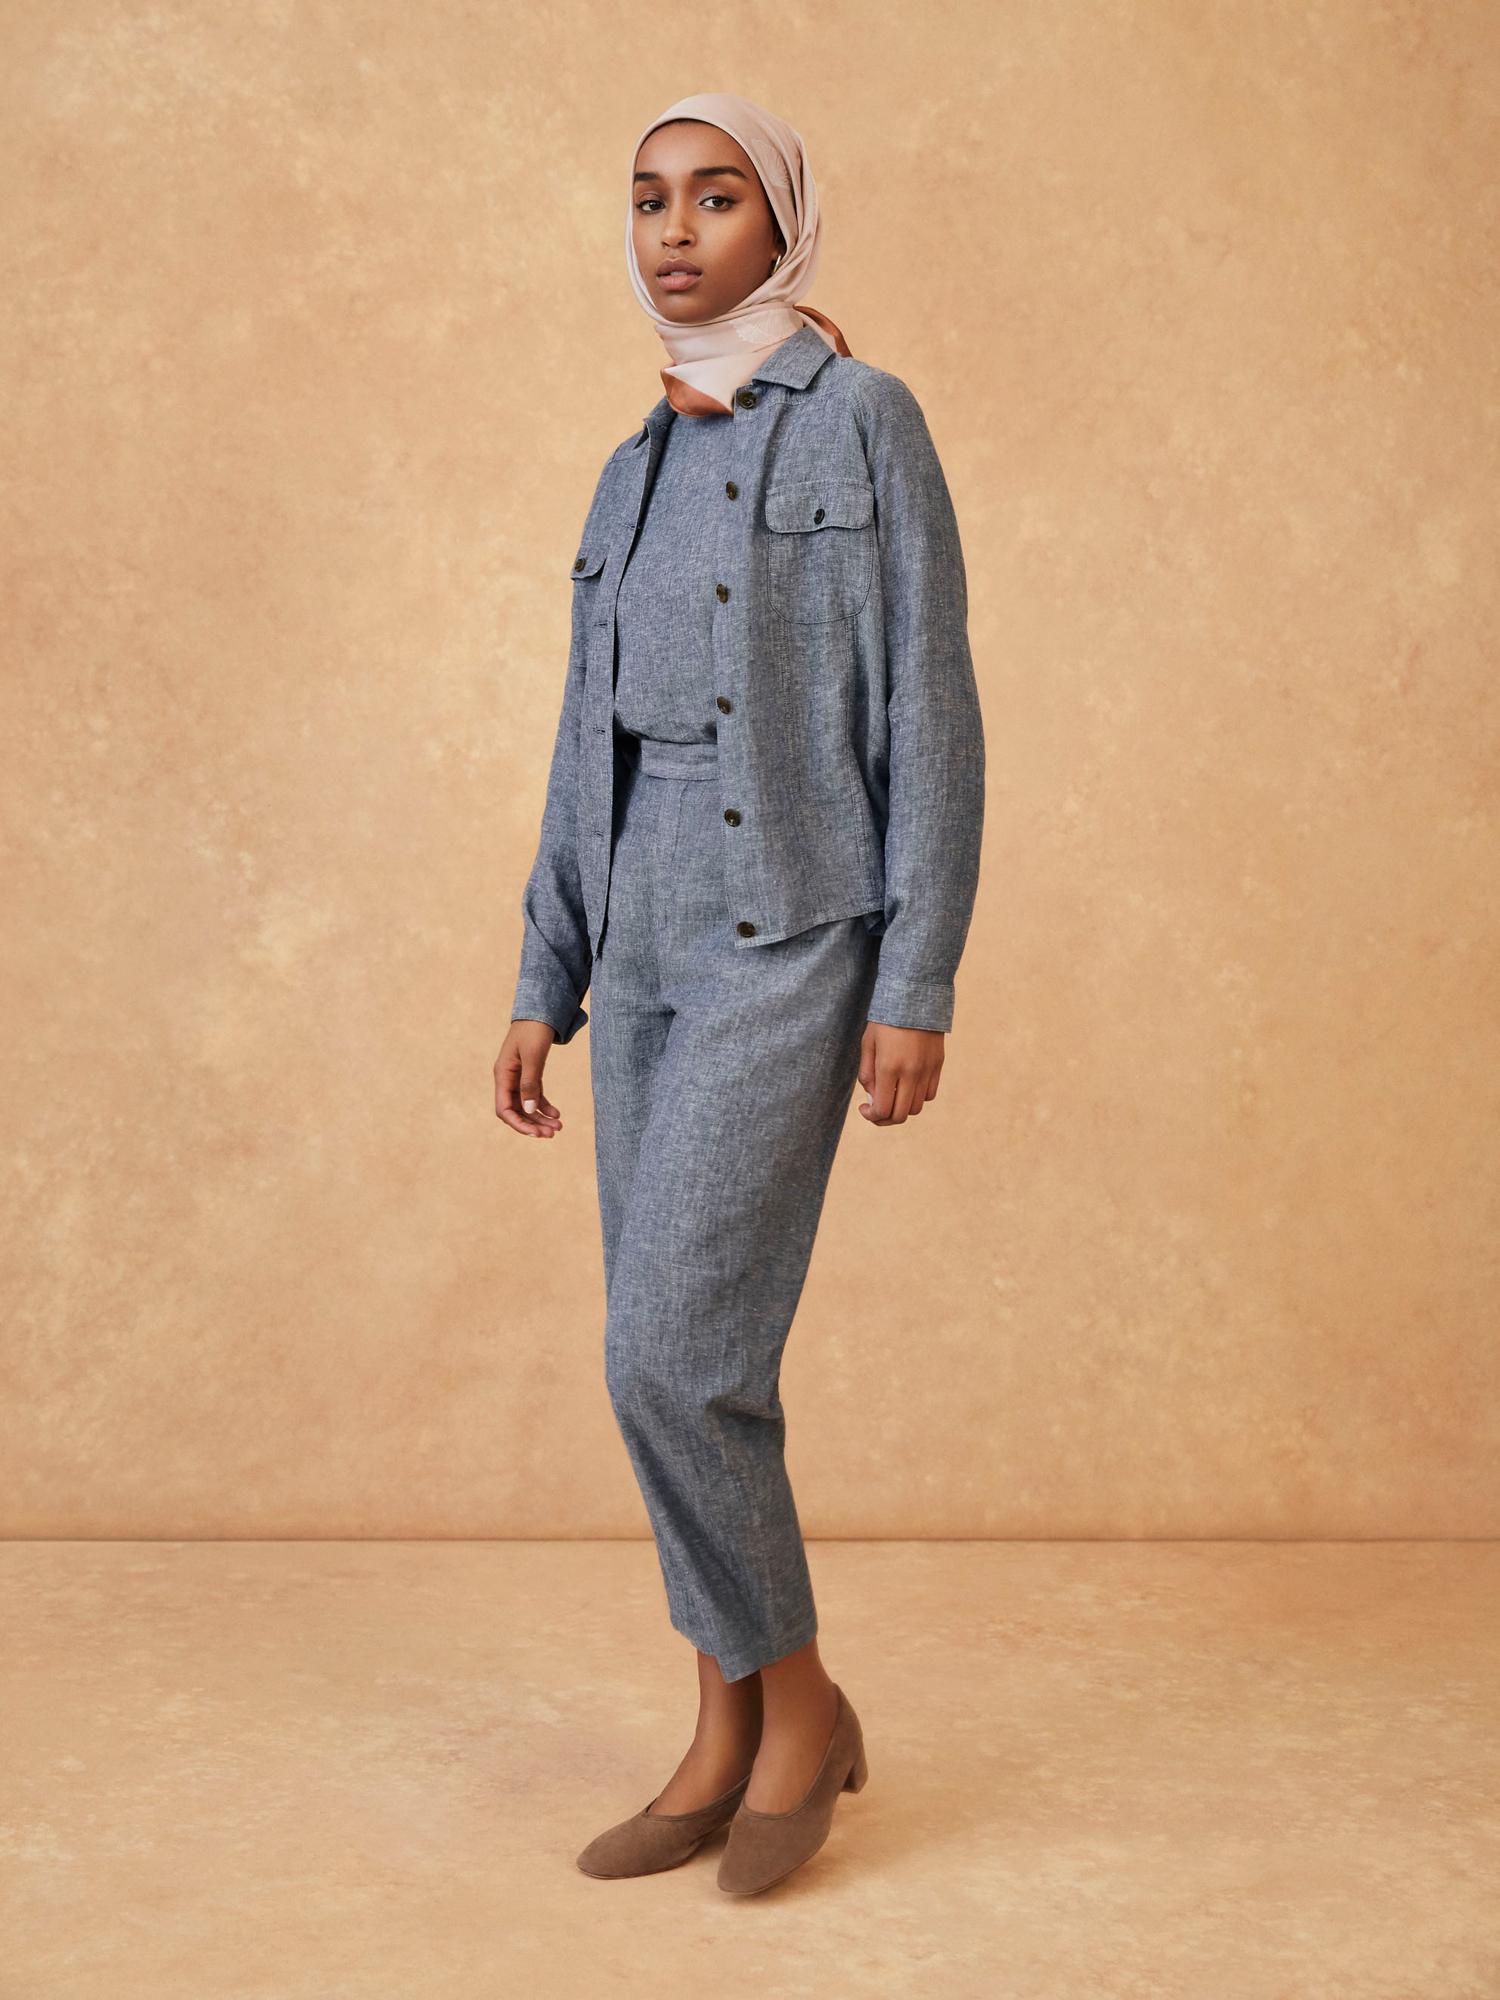 W's HPJ Square print stole + W's HPJ Linen blended oversized L/S blouse + W's HPJ Linen blended oversized short jacket + W's HPJ Linen blended relaxed ankle pants